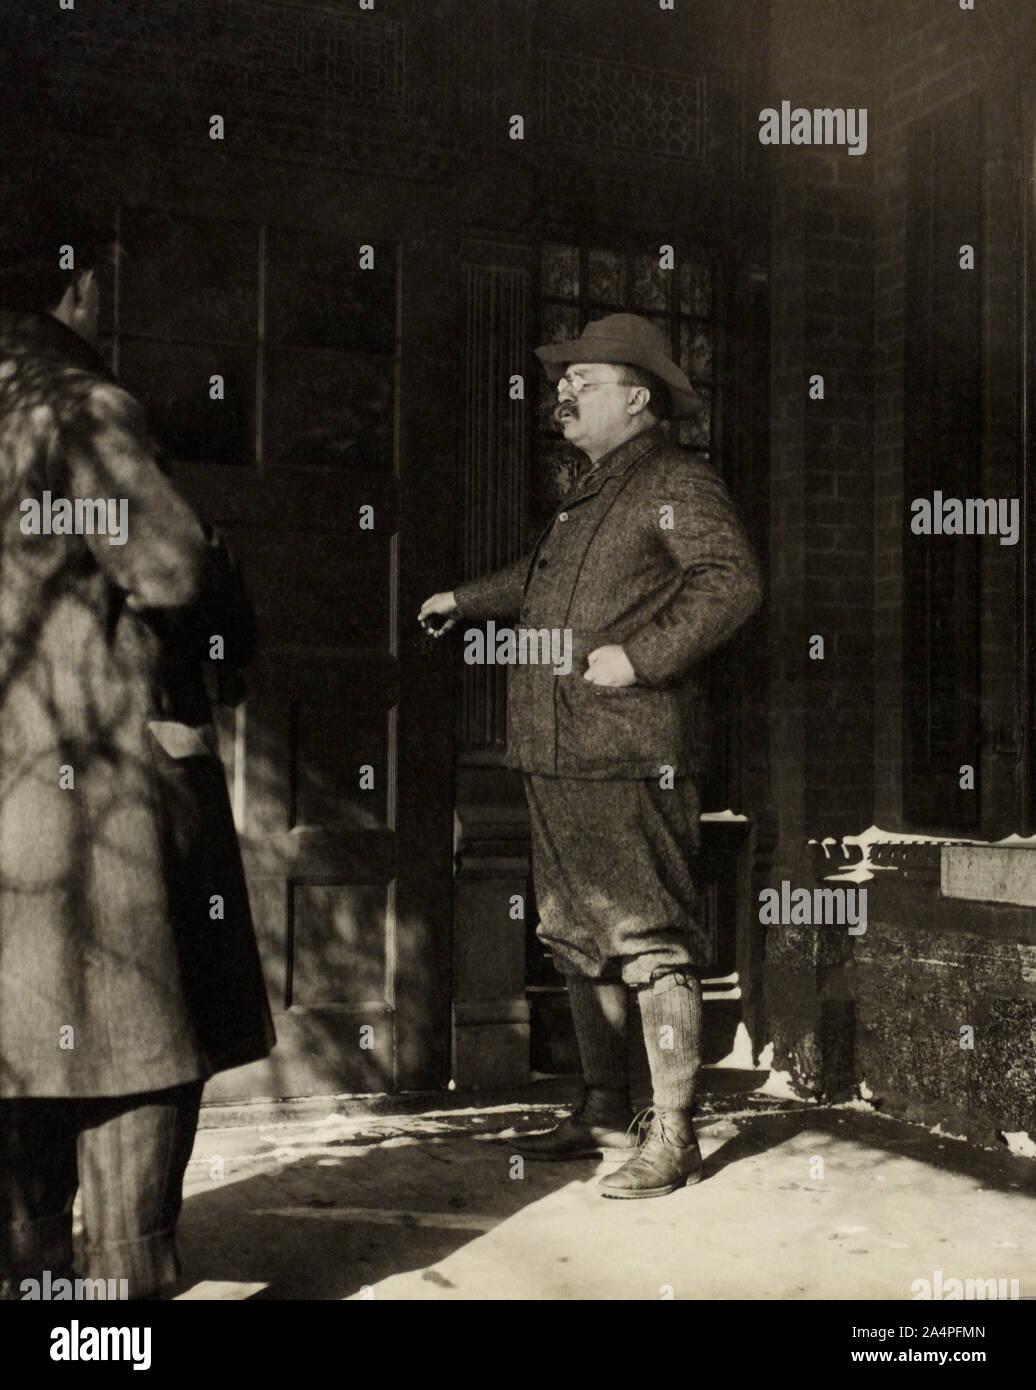 Ex-presidente Theodore Roosevelt, Full-Length retrato en su casa, Sagamore Hill, Oyster Bay, Nueva York, Estados Unidos, Fotografía por H. Doncourt, 16 de marzo de 1909 Foto de stock